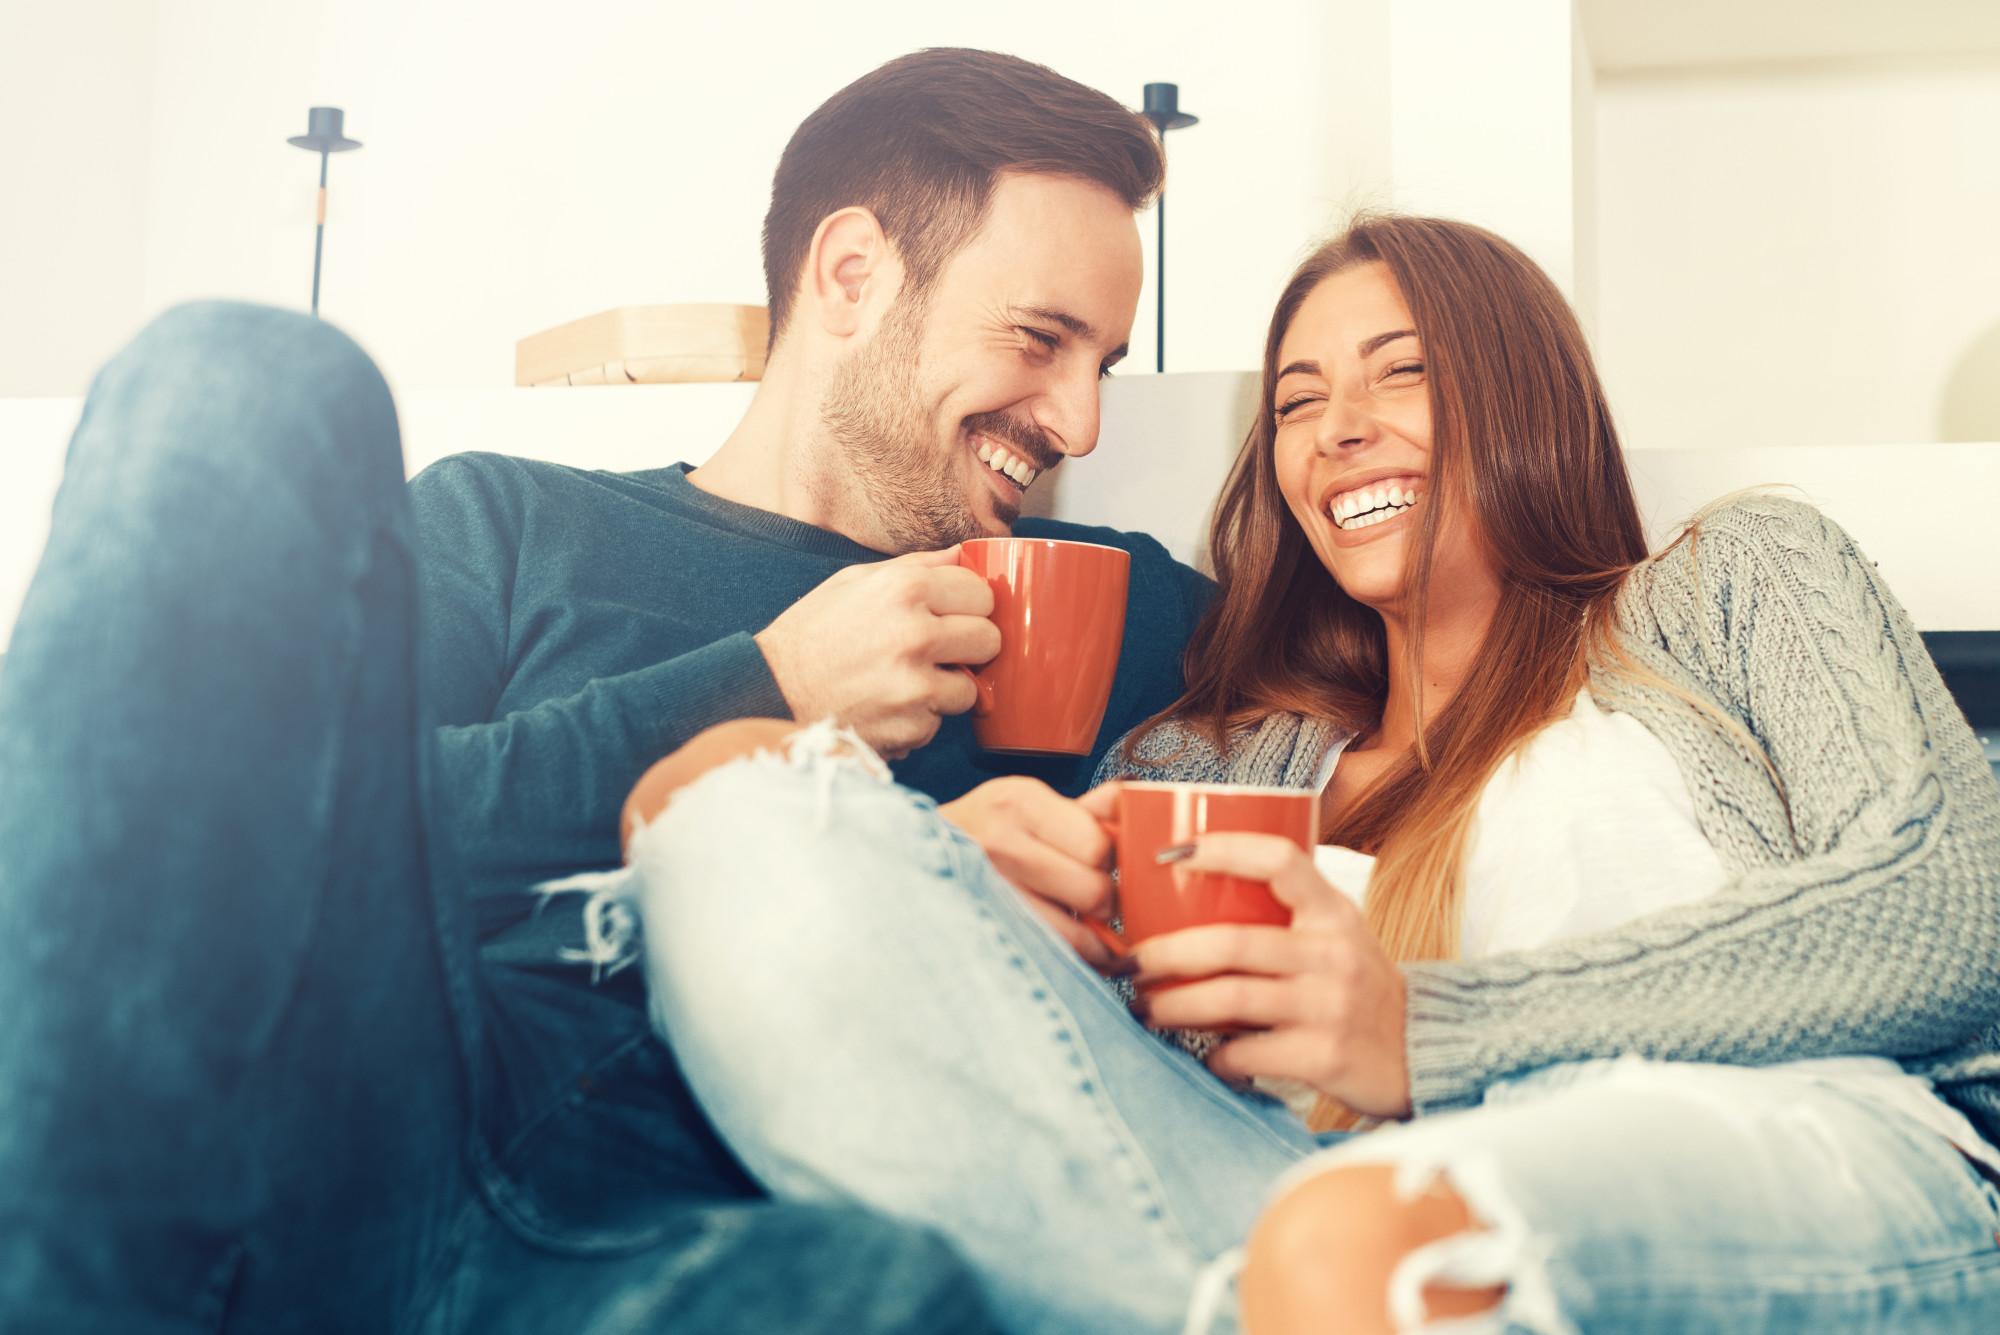 İlişkilerde iletişim eksikliğinin 4 nedeni ve çözüm yolları #2